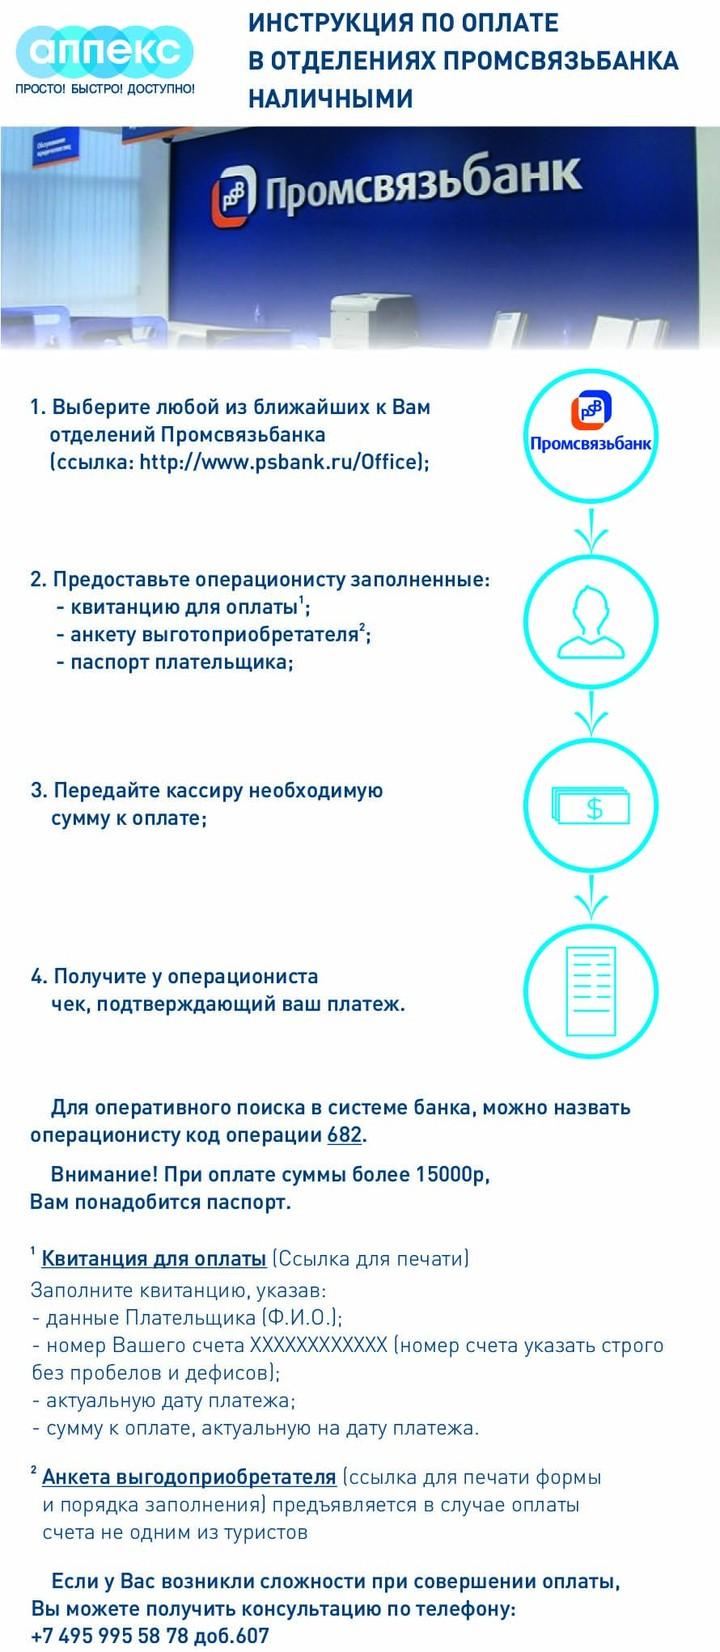 Инструкция по оплате в отделениях «Промсвязьбанка» наличными